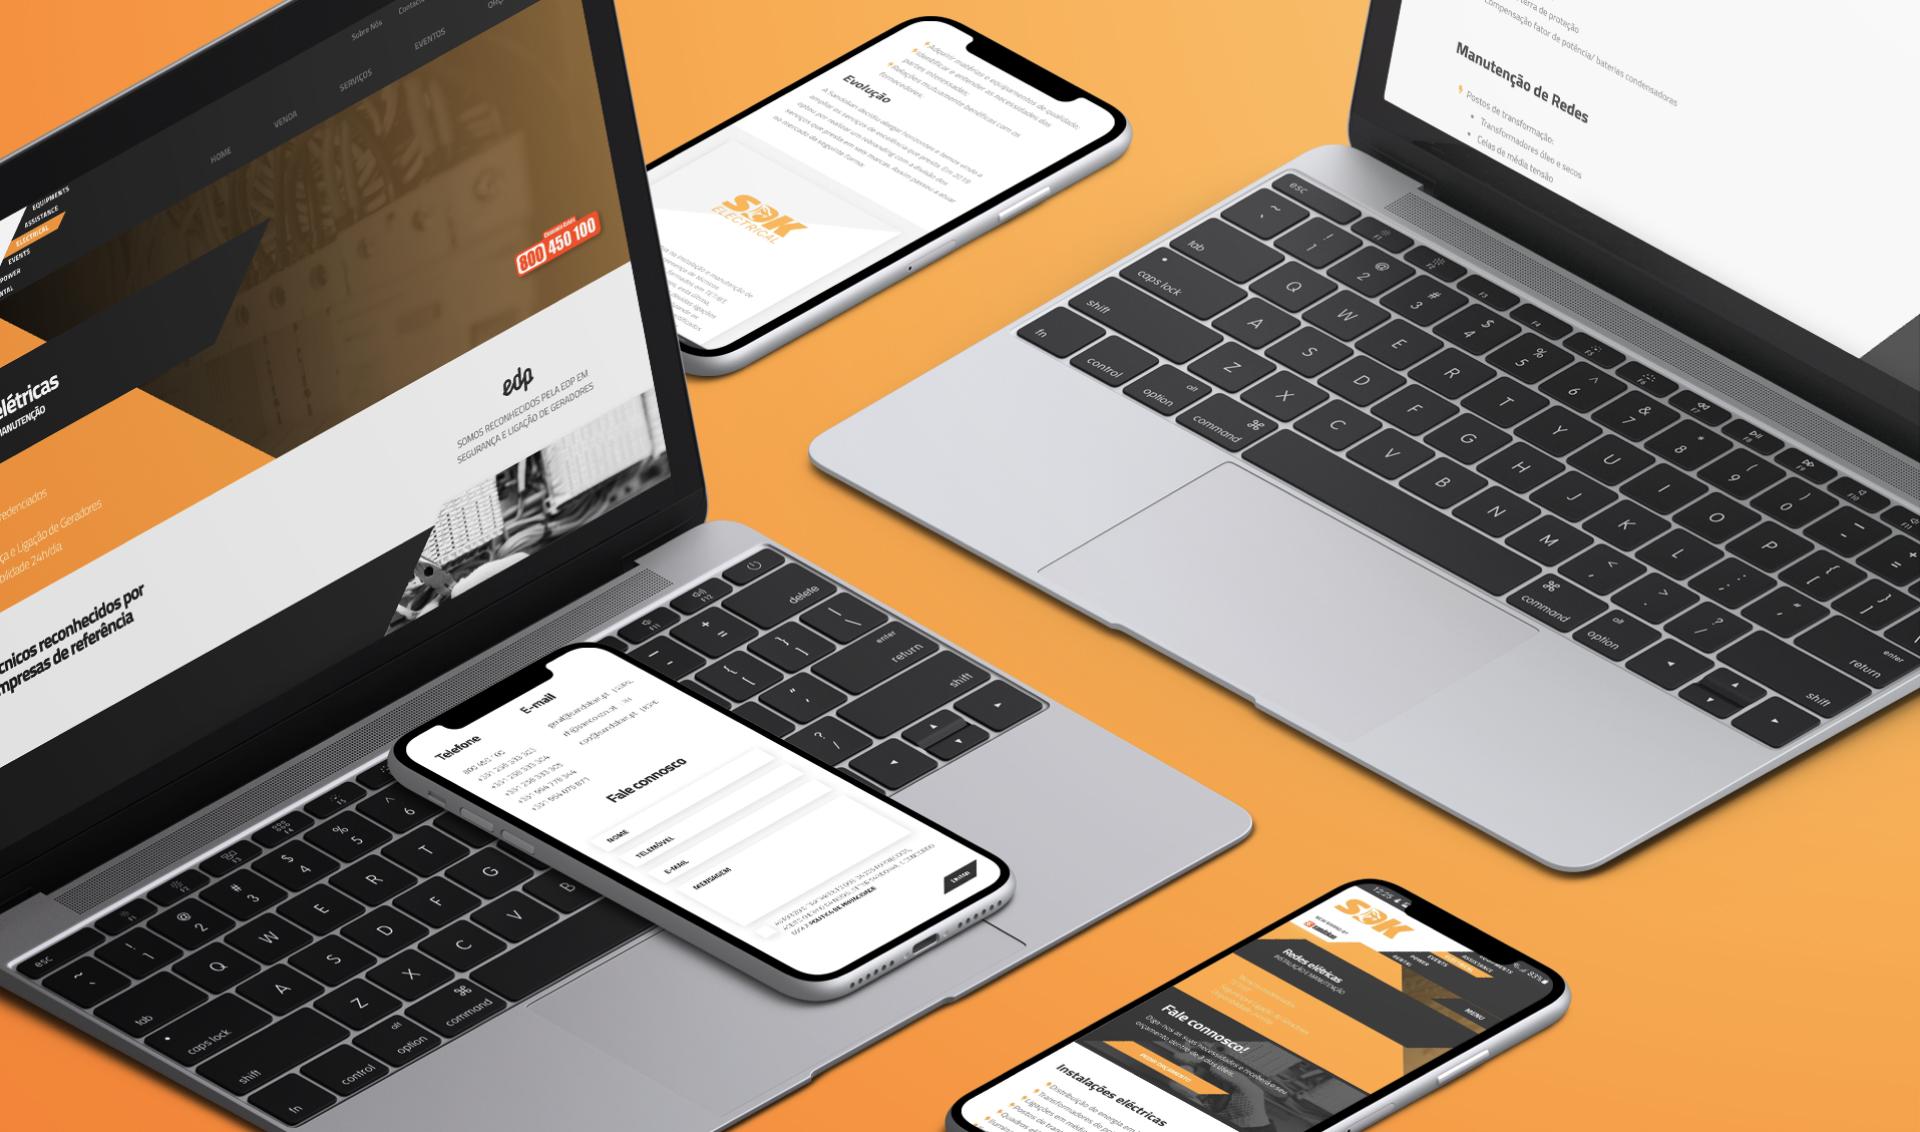 Várias páginas de website Sandokan em computador portátil e telemóvel